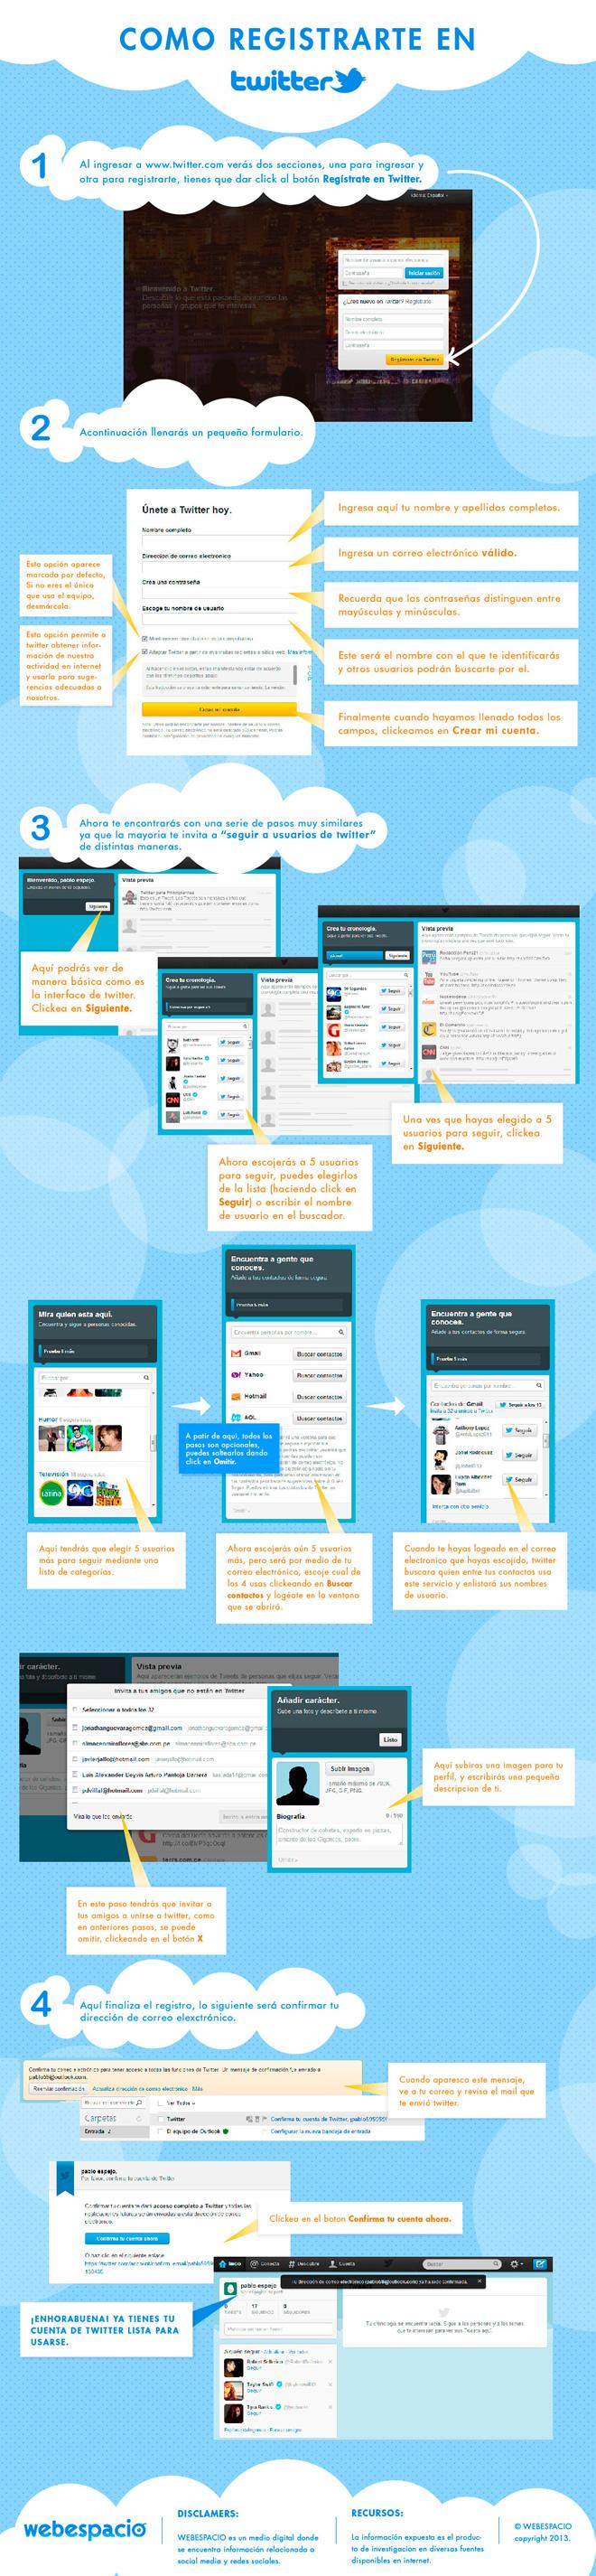 infografía: cómo crear cuenta en twitter